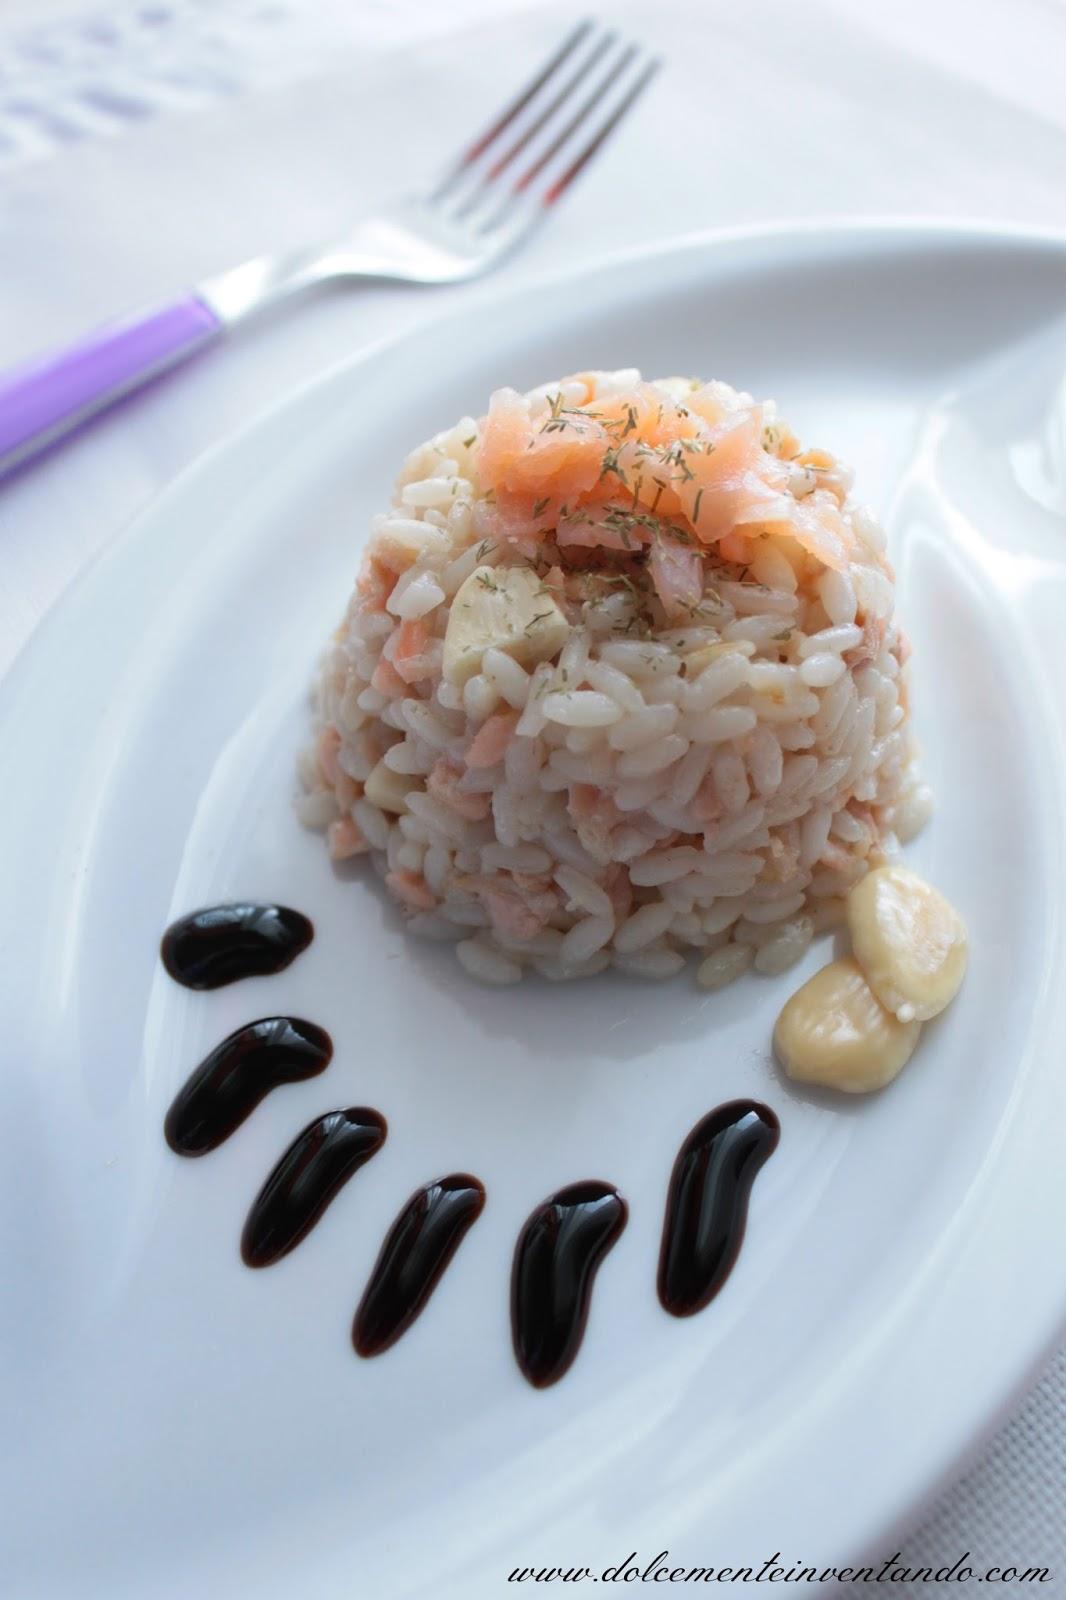 risotto al salmone affumicato, chardonnay, mandorle e limone